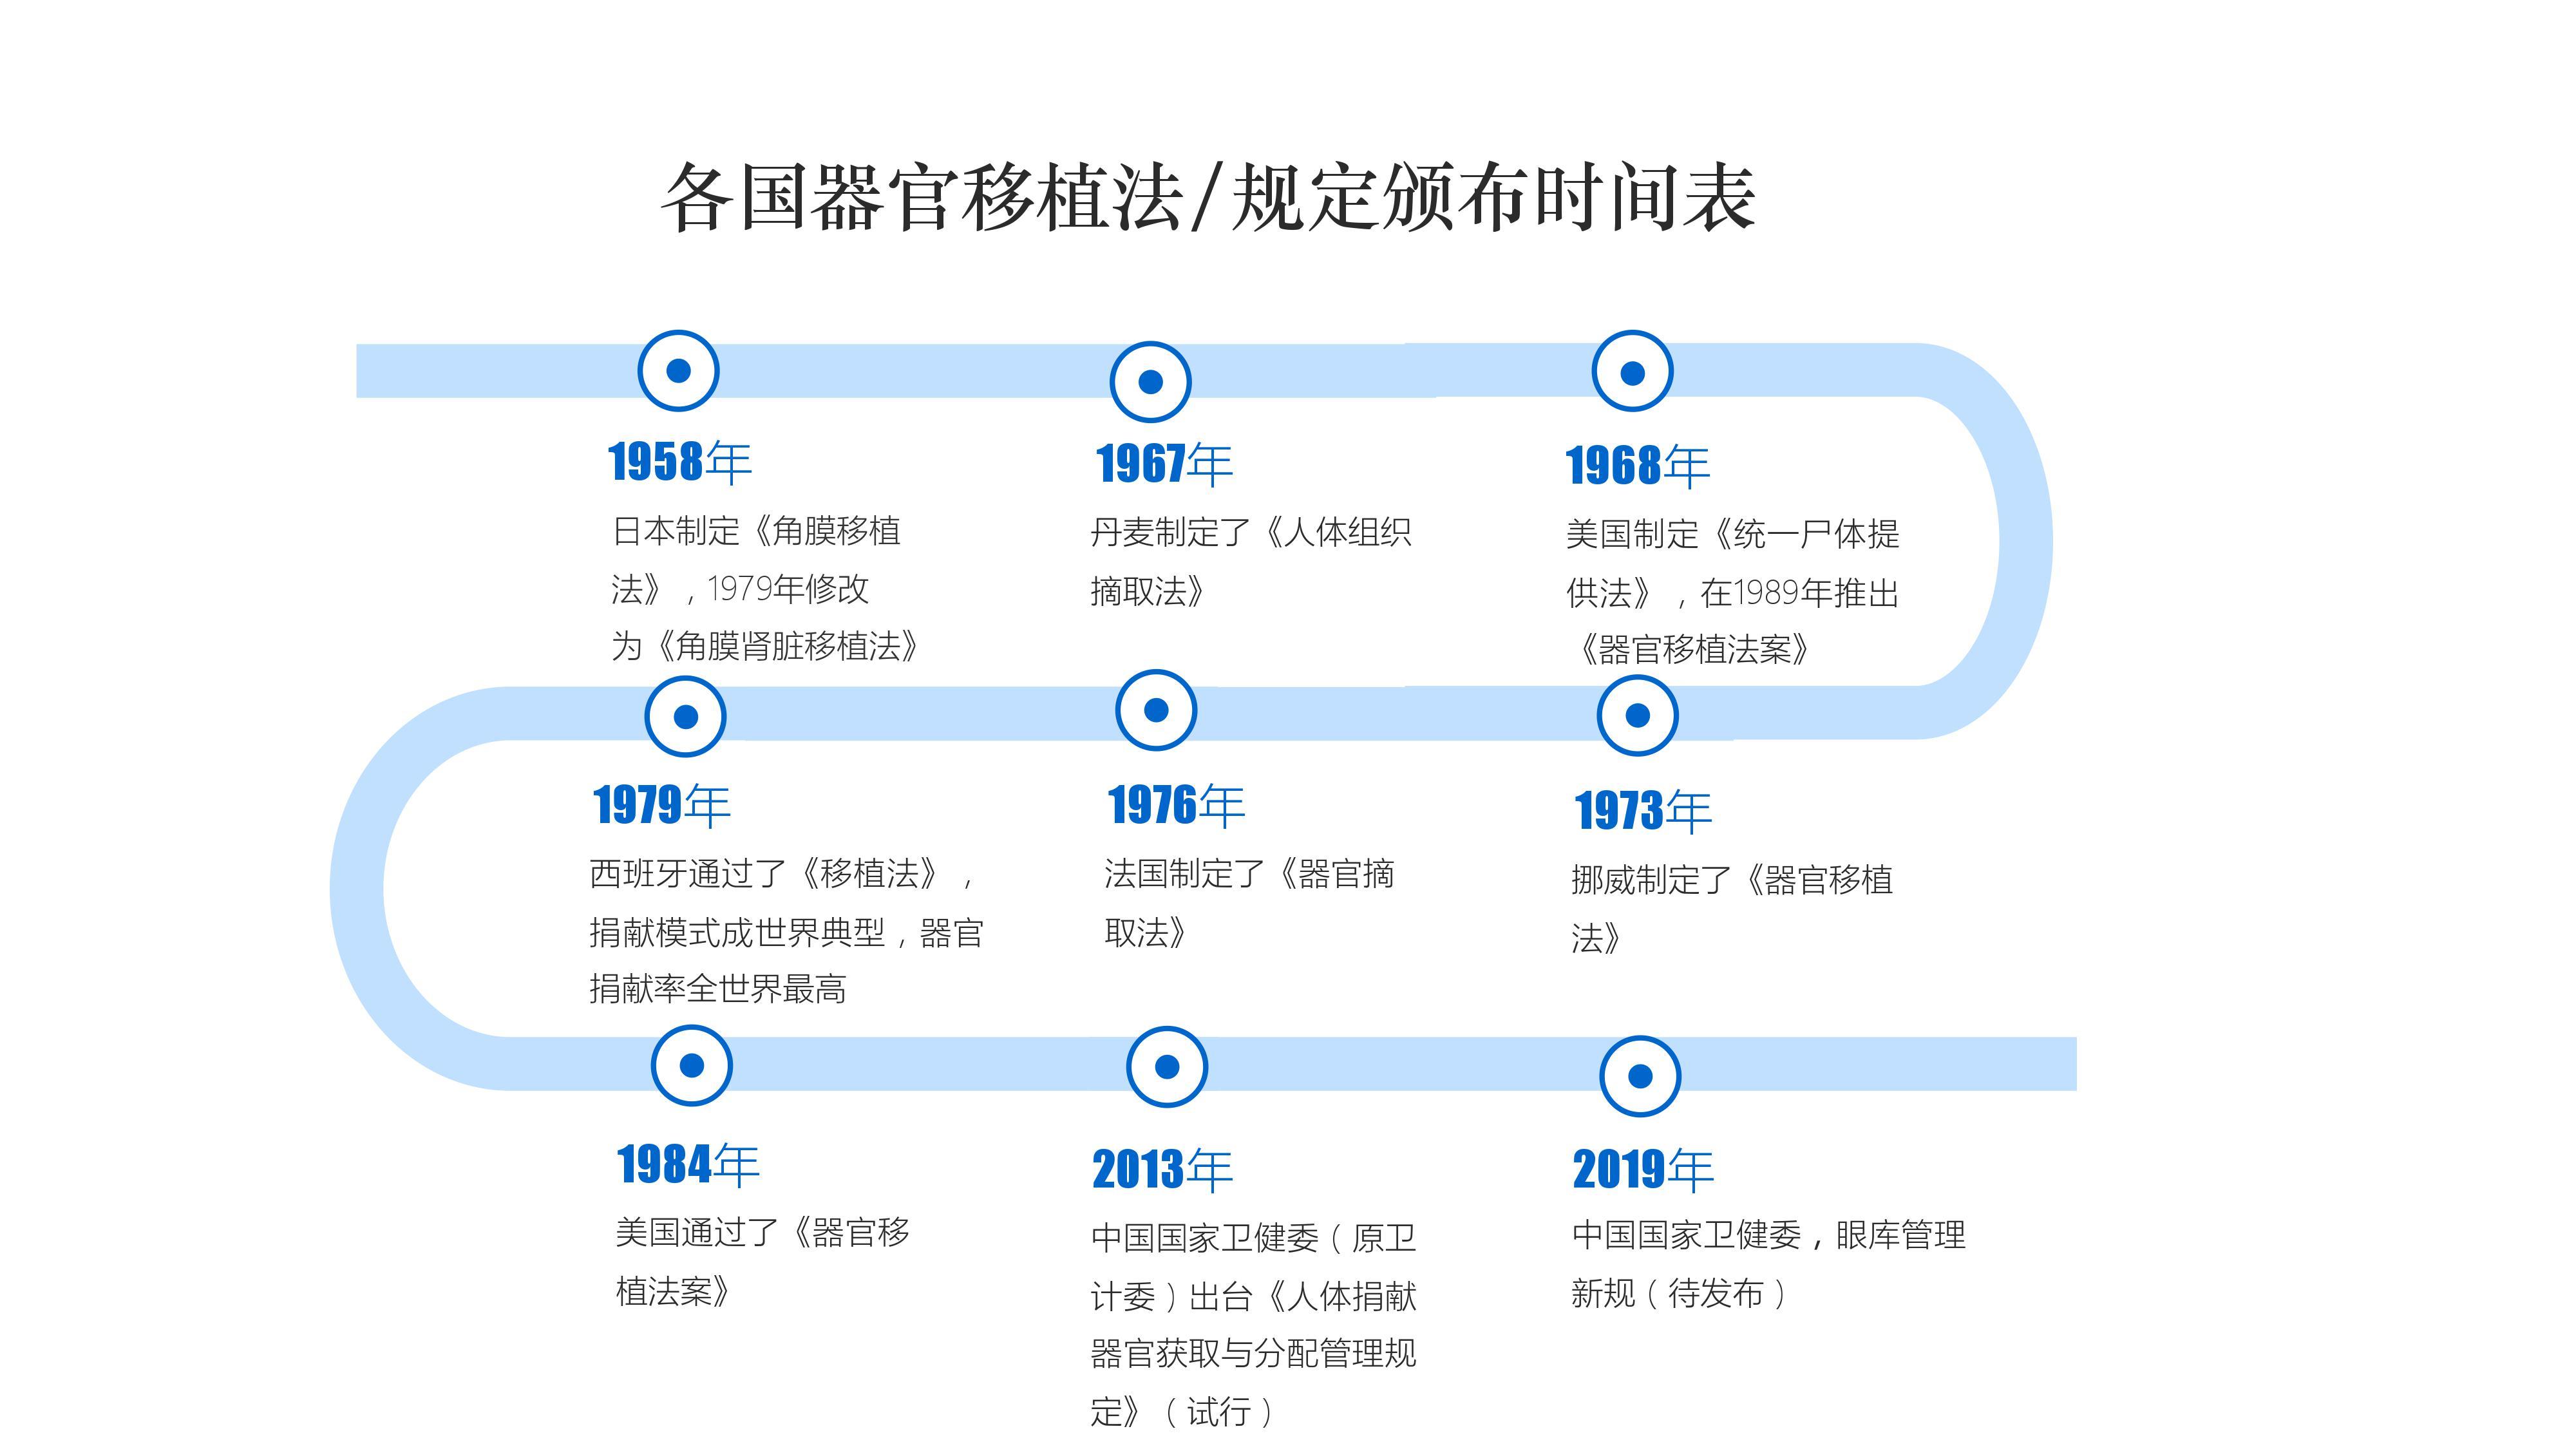 各国器官移植立法时间表 (数据来源:根据公开资料整理)